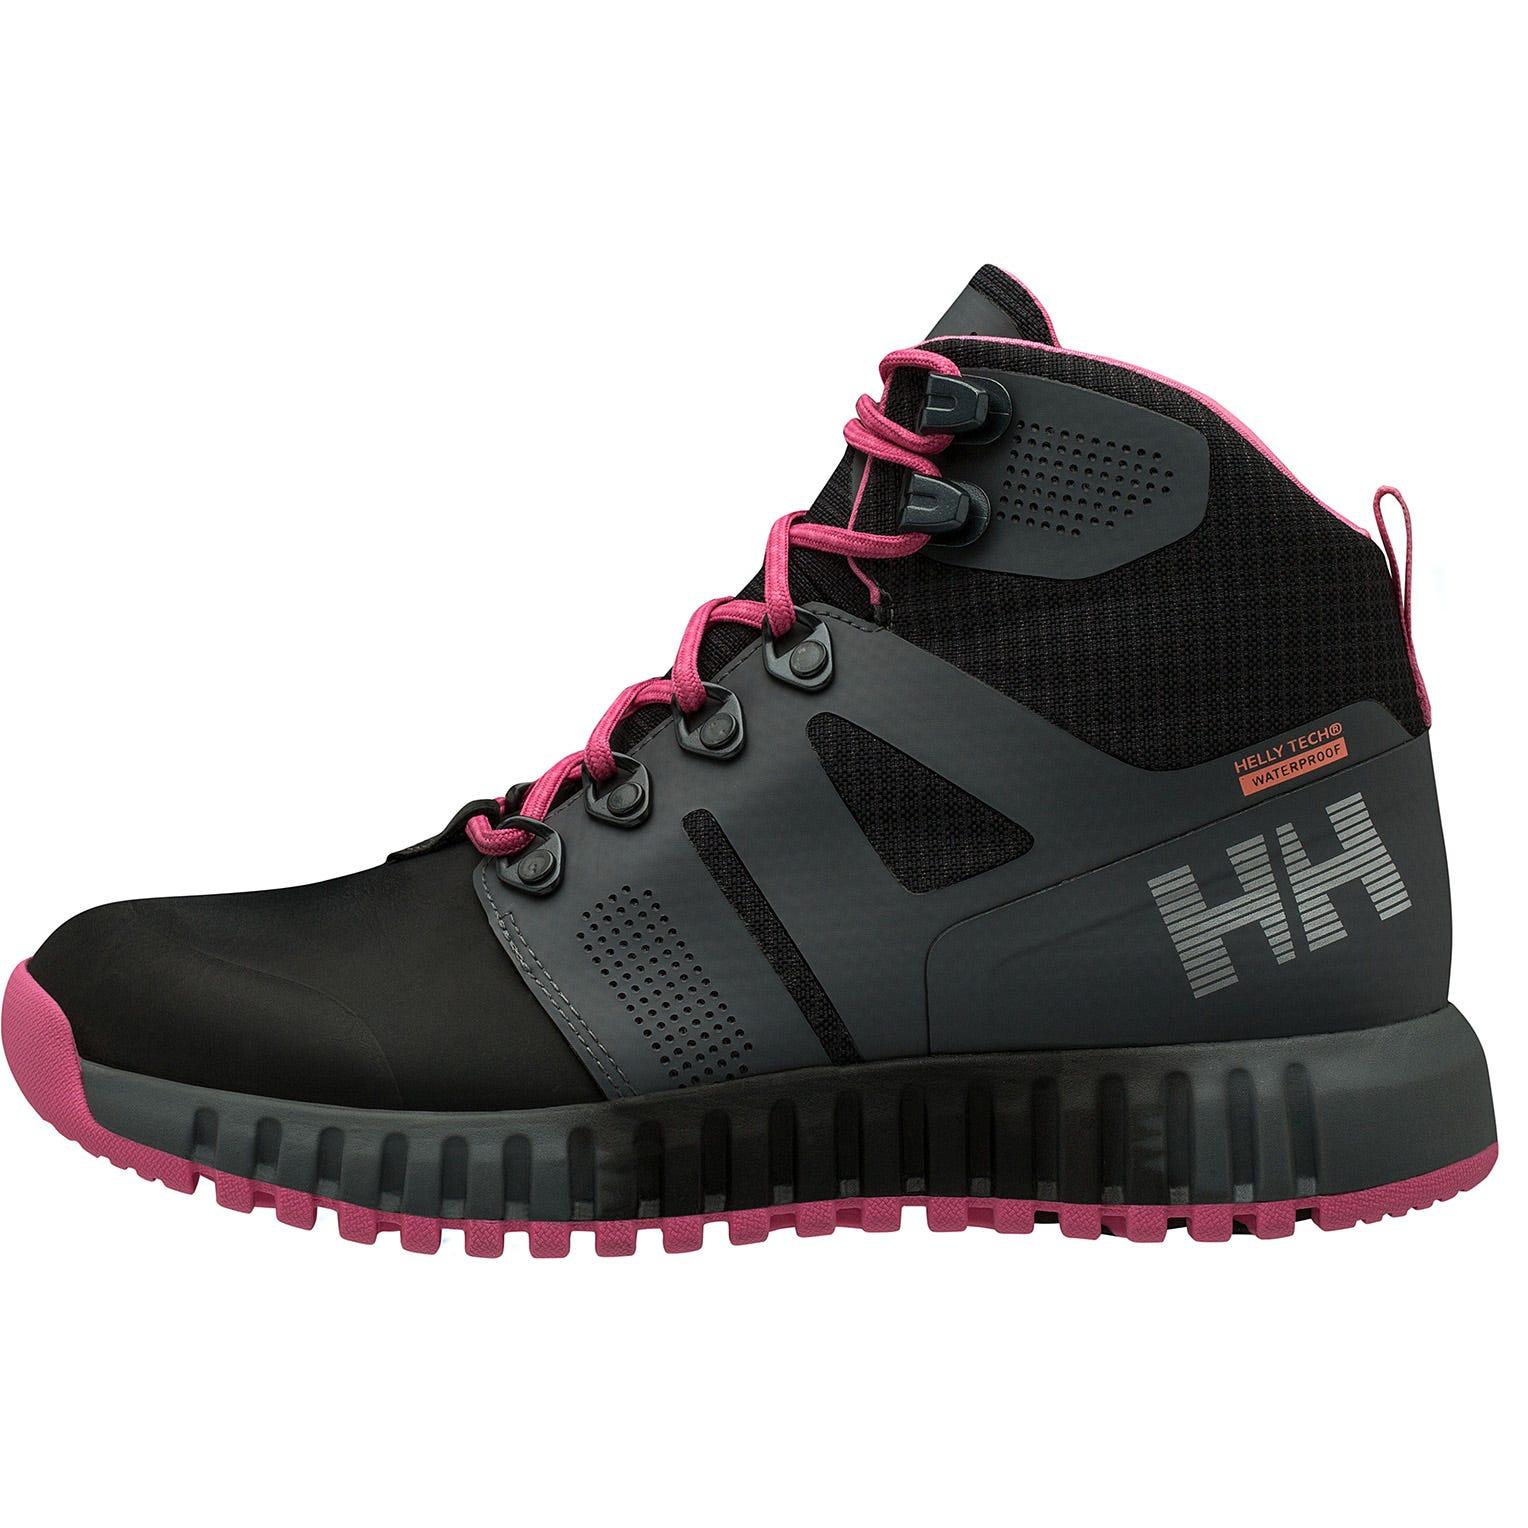 Helly Hansen W Vanir Gallivant Ht Womens Hiking Boot Black 40.5/9